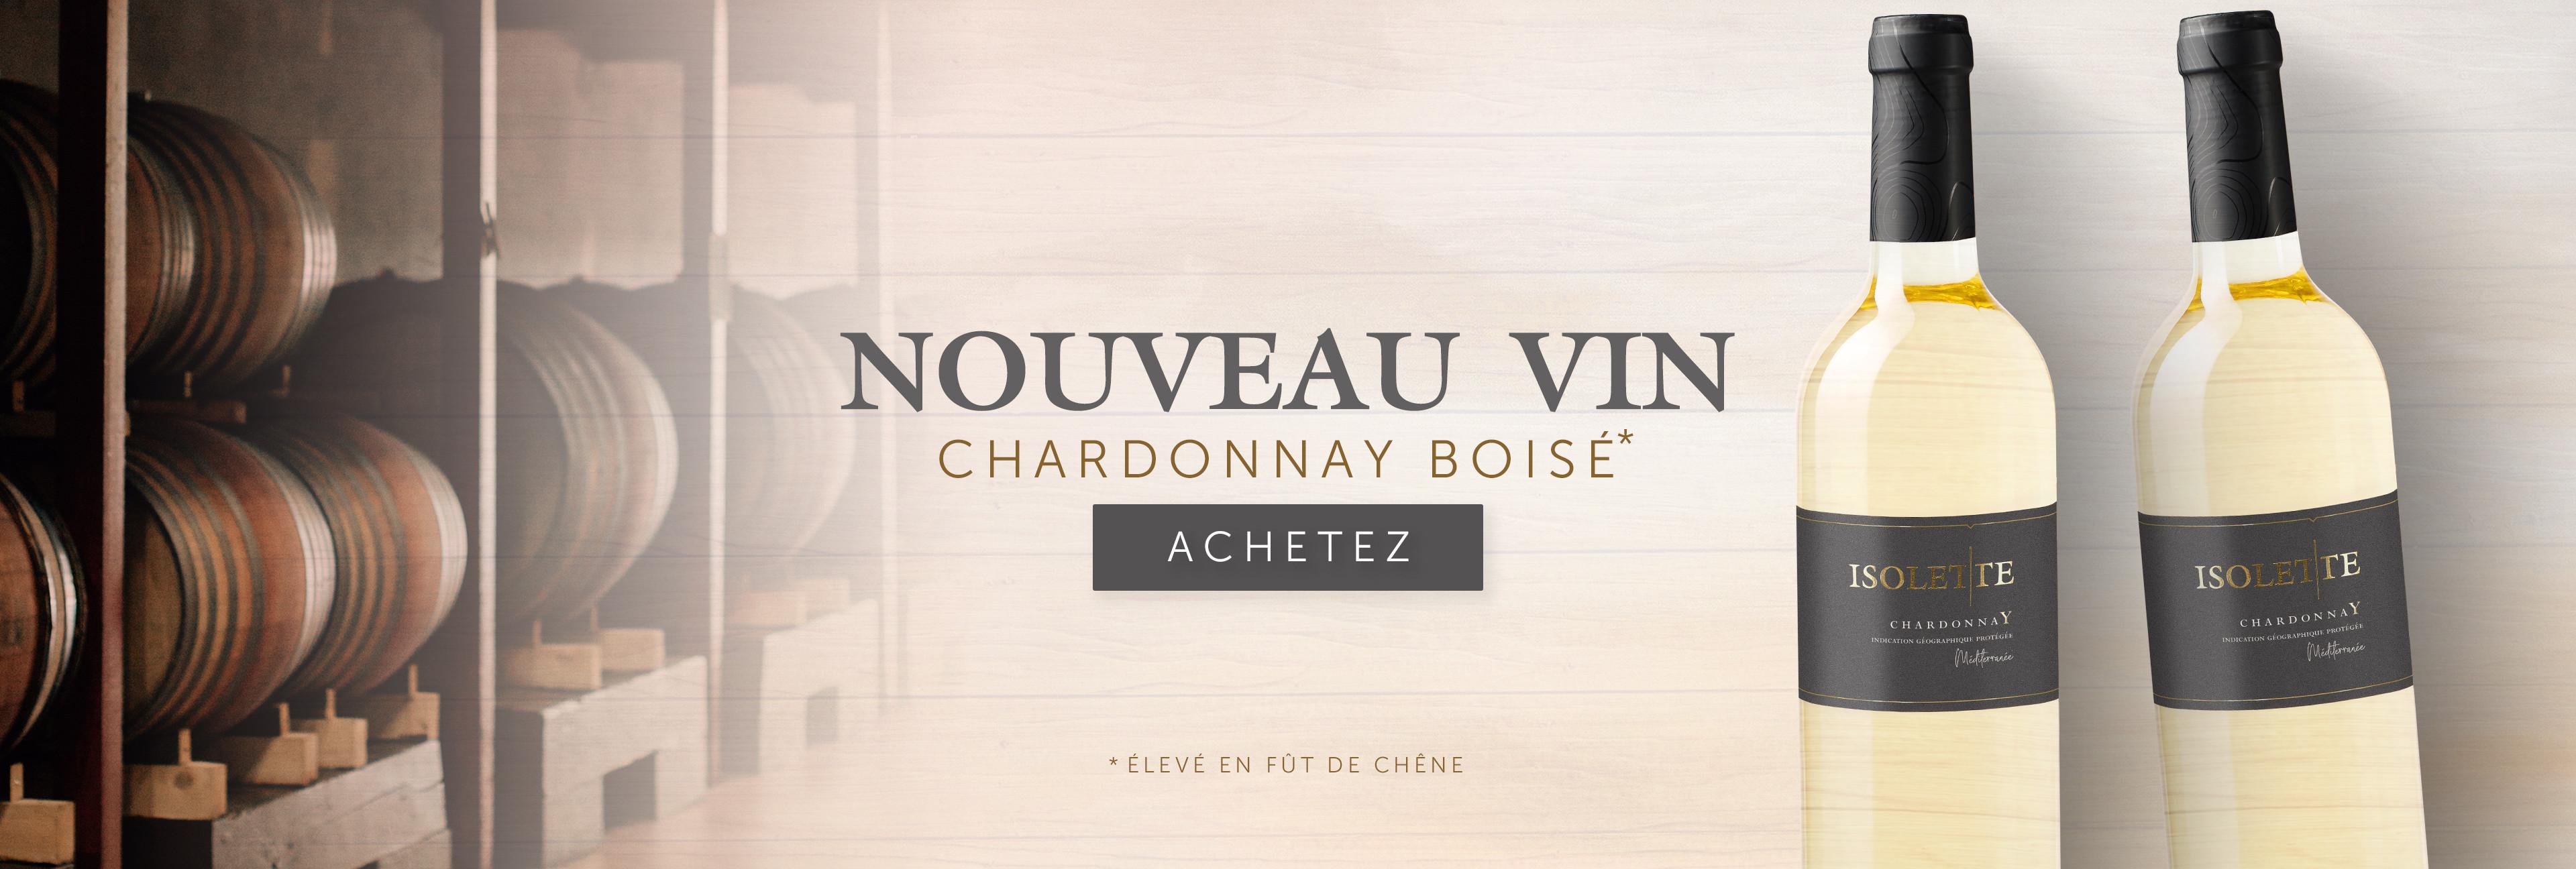 Nouveau Vin Chardonnay Boisé